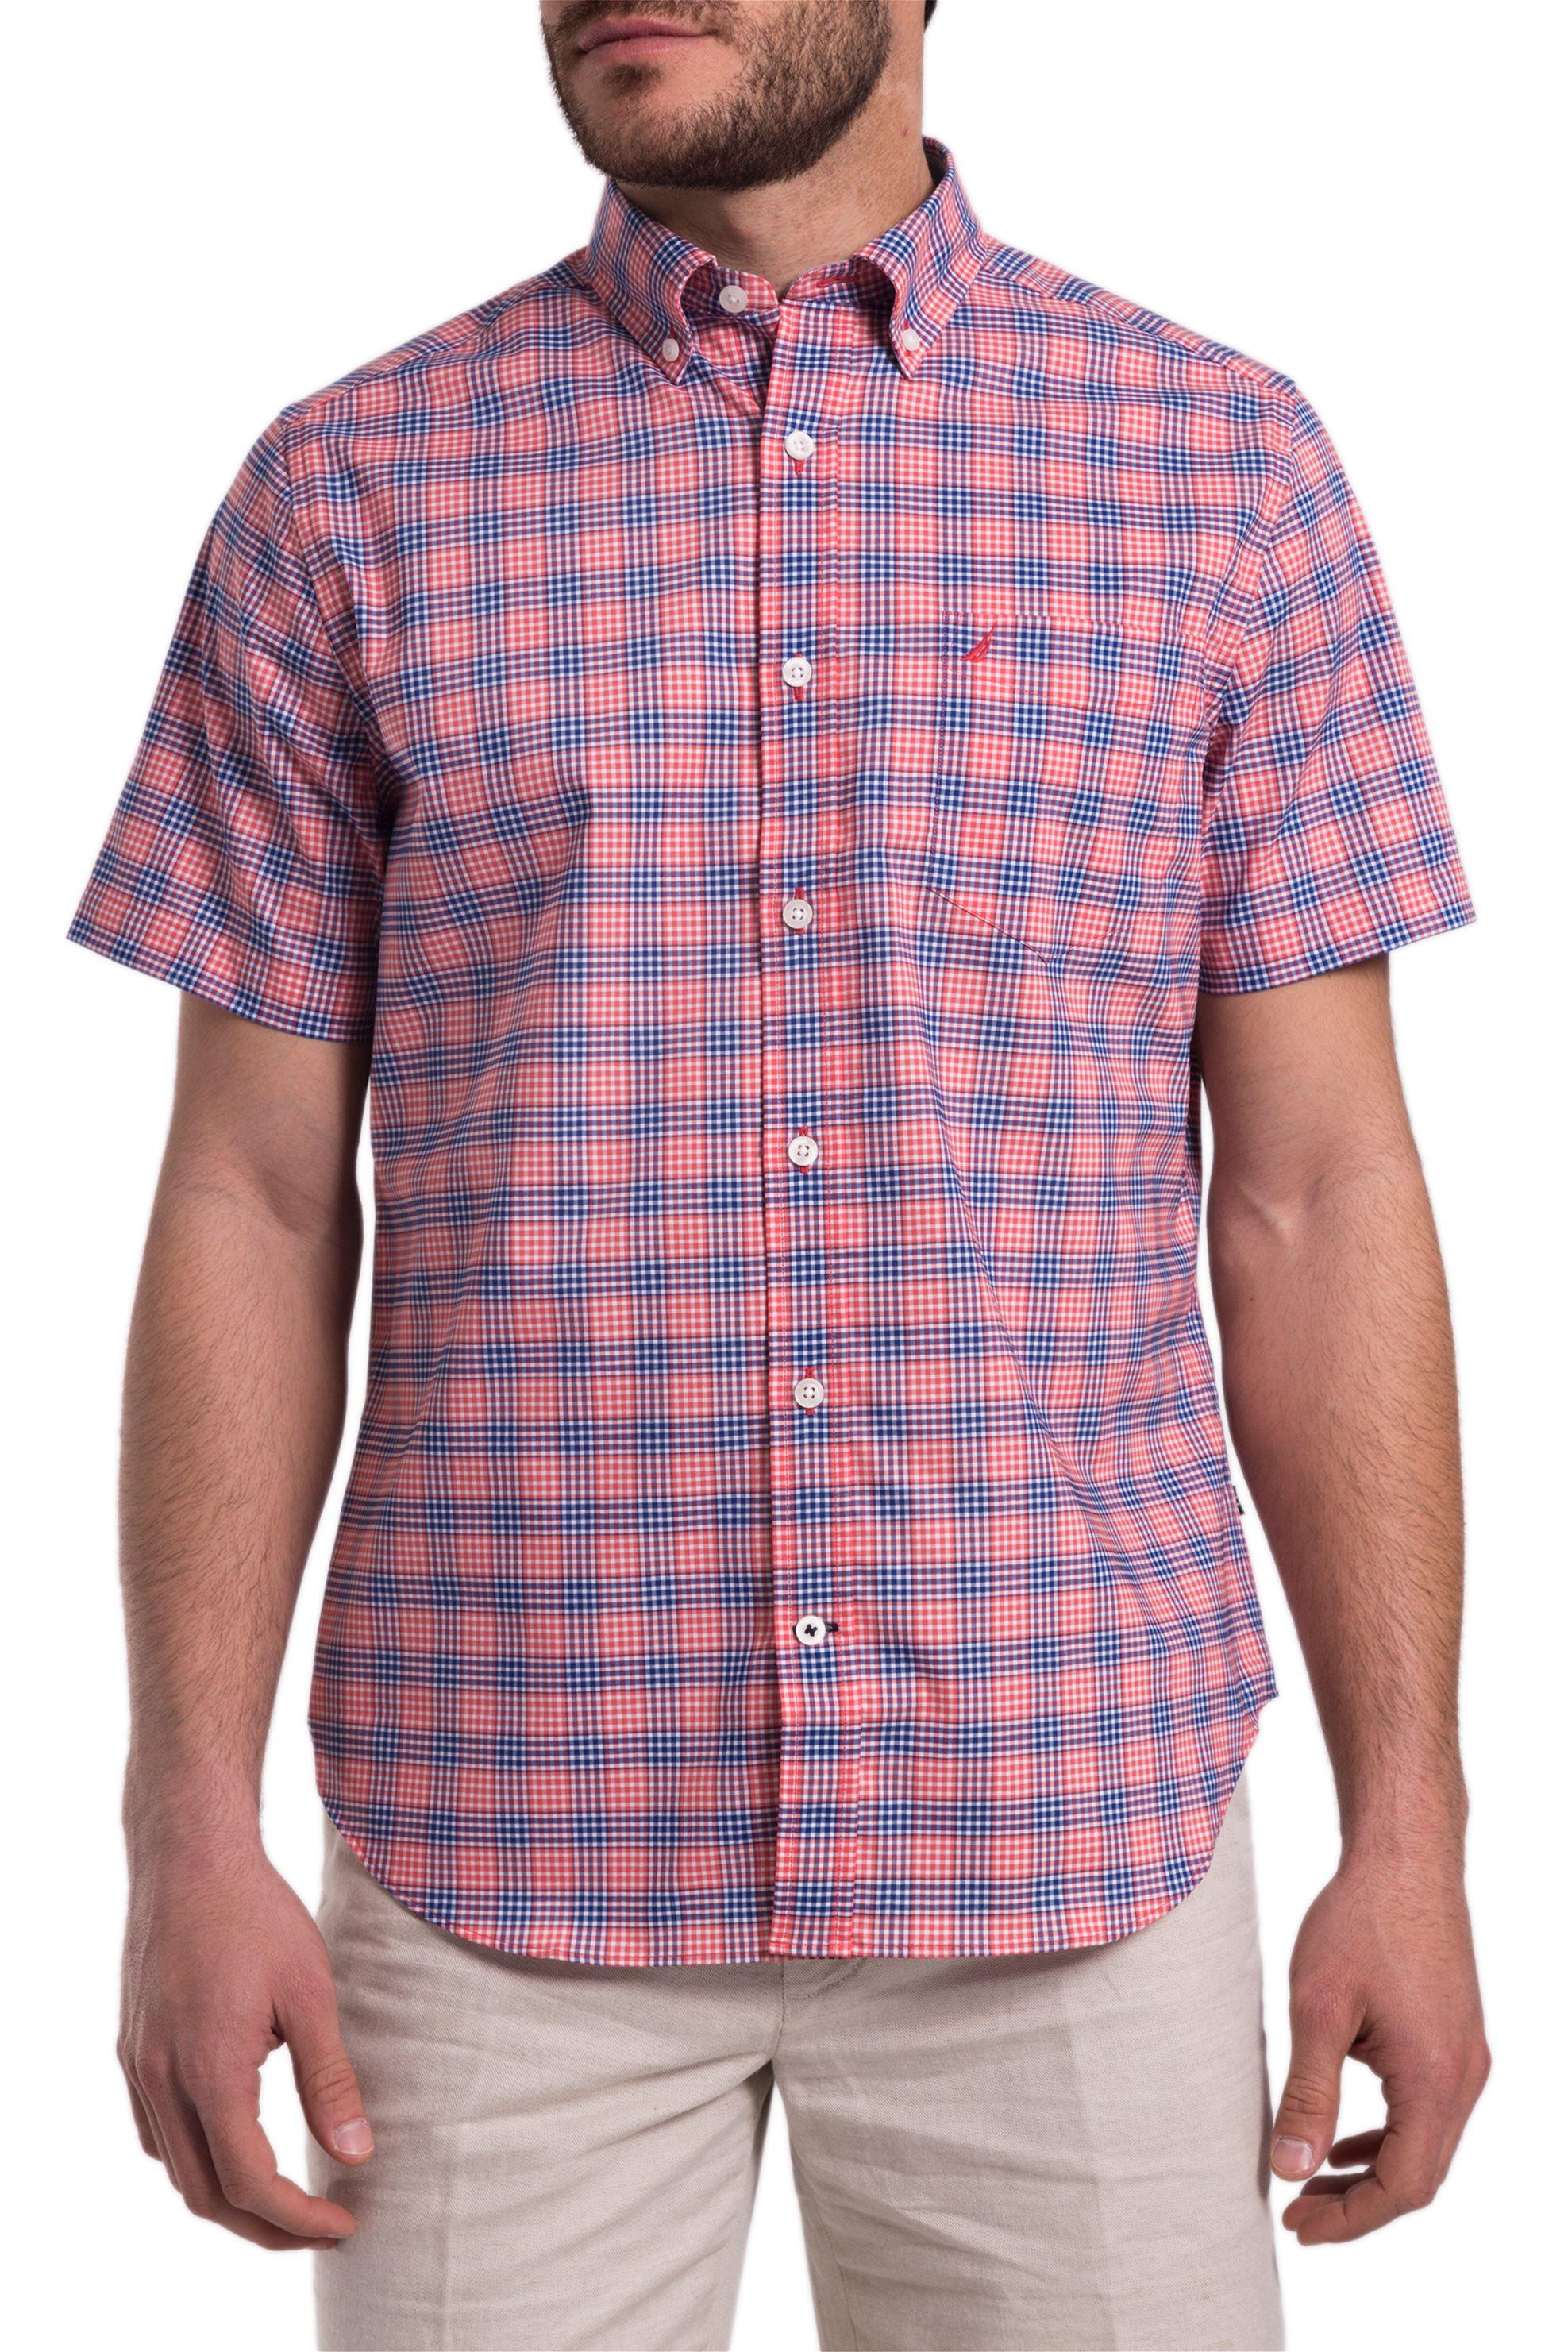 b3aab858ac05 Notos Ανδρικό καρό πουκάμισο με κοντά μανίκια Nautica - W81272 - Κόκκινο